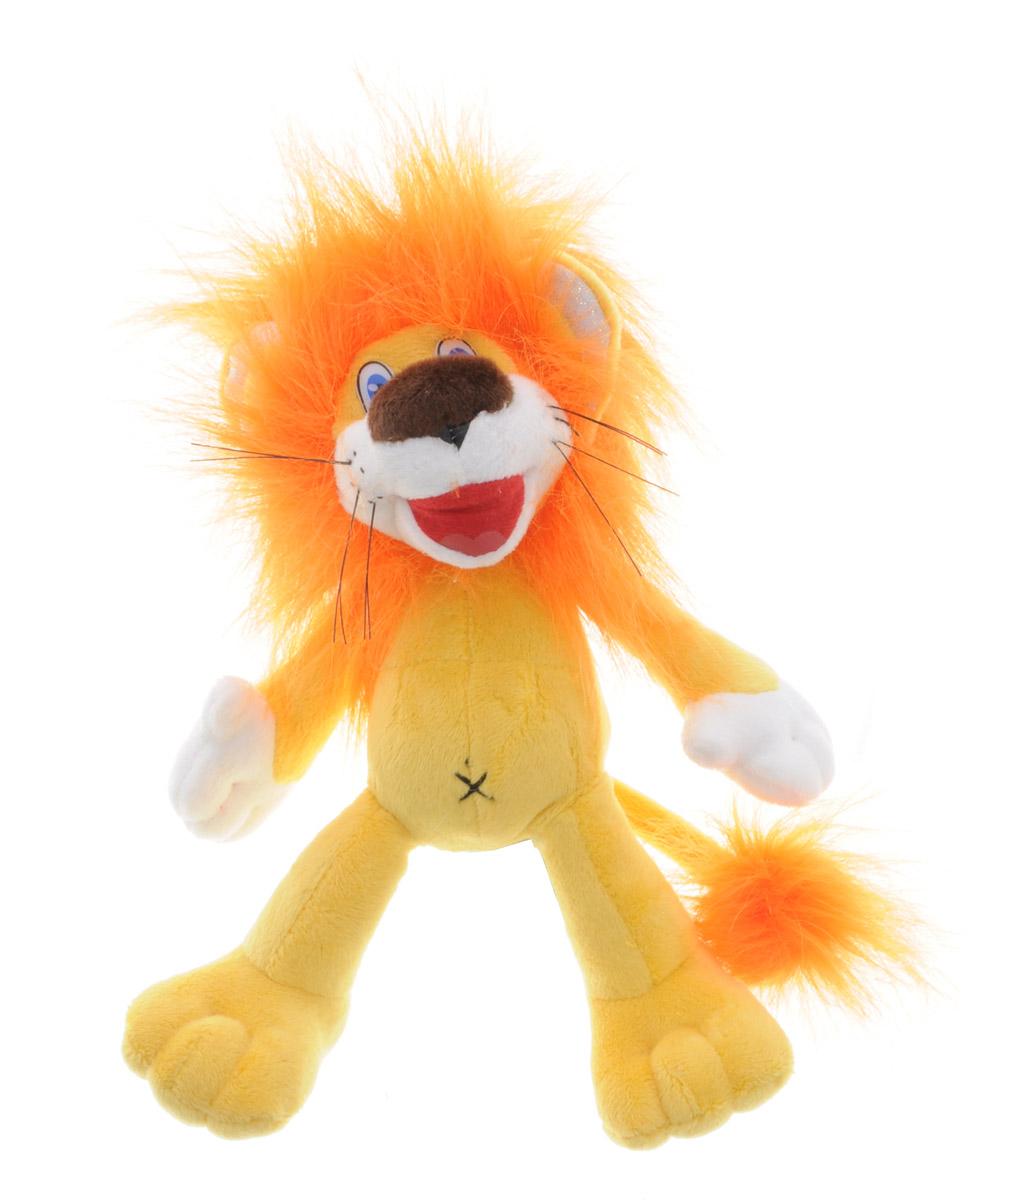 Мульти-Пульти Мягкая озвученная игрушка Львенок 20 смV72262/20Мягкая озвученная игрушка Мульти-Пульти Львенок вызовет улыбку у каждого, кто ее увидит! Она выполнена в виде всем известного персонажа - львенка из мультфильма Как Львенок и Черепаха пели песню. Туловище игрушки - мягконабивное, глазки - пластиковые. Если нажать игрушке на животик, львенок произнесет фразы и споет песни из мультфильма: Ой какая красивая песня, ну просто замечательная песня, Я на солнышке лежу, Рядом львеночек лежит и ушами шевелит, только я все лежу и на львенка не гляжу. Игрушка подарит своему обладателю хорошее настроение и позволит насладиться обществом любимого героя! Игрушка помогает малышу познавать окружающий мир через тактильные ощущения, знакомит его с животным миром планеты, формирует цветовосприятие и способствуют концентрации внимания.